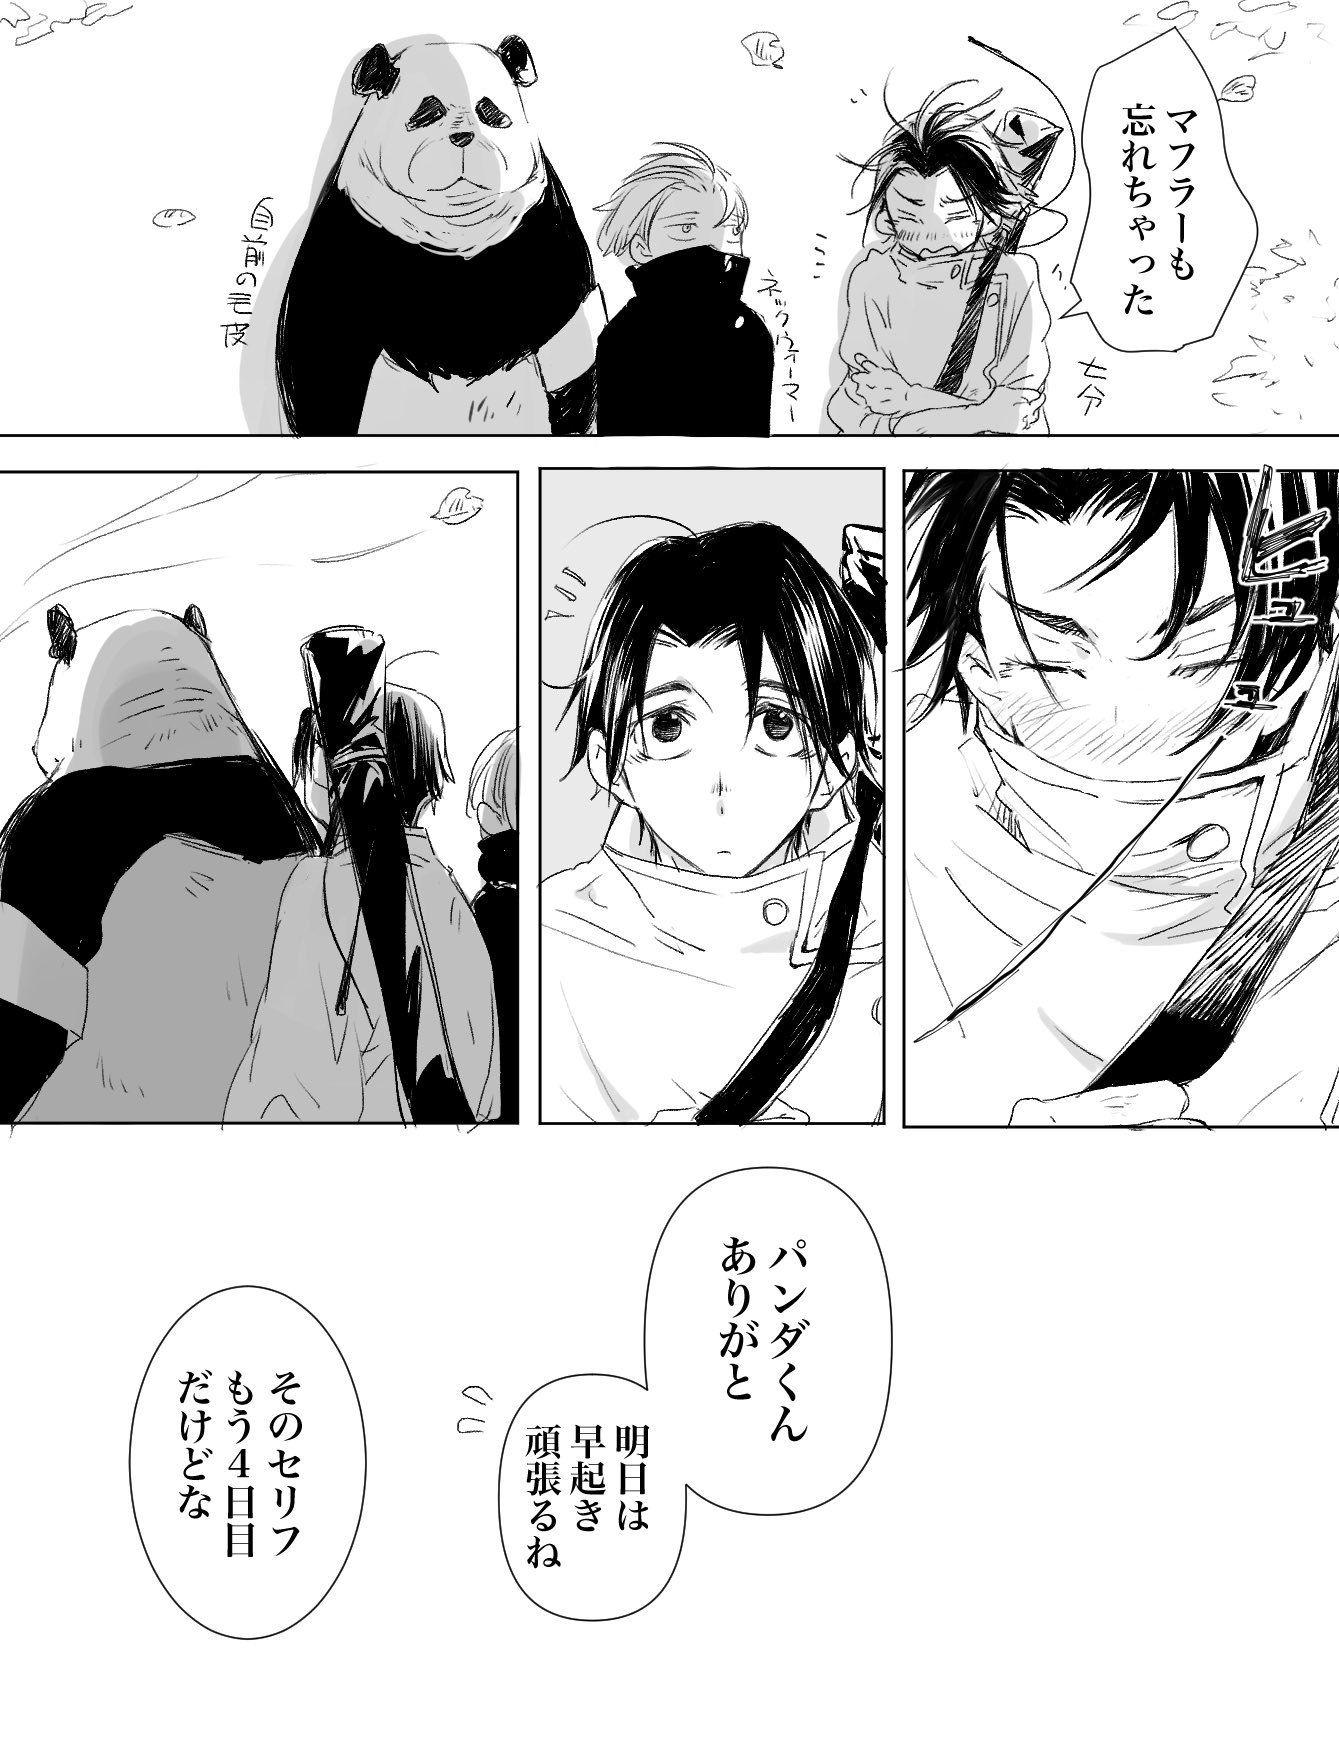 乙 骨 廻 戦 呪術